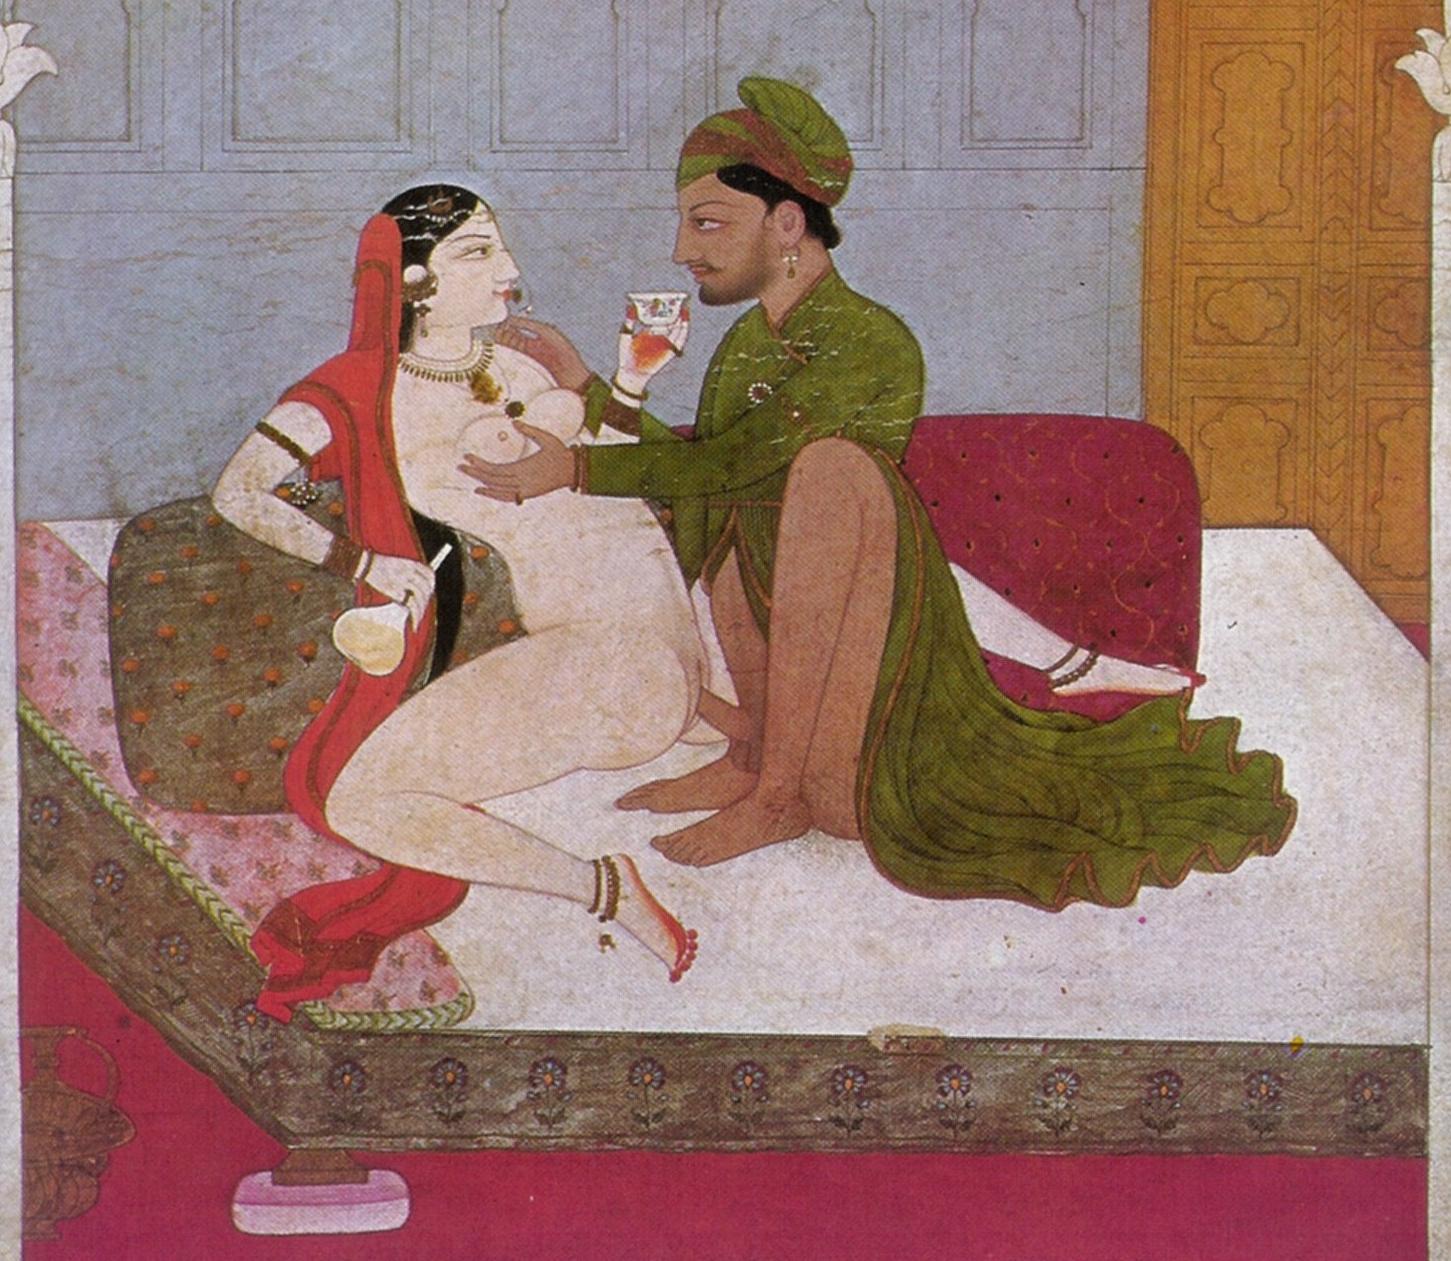 rollenspiele sexualität ideen stellungen für dicke